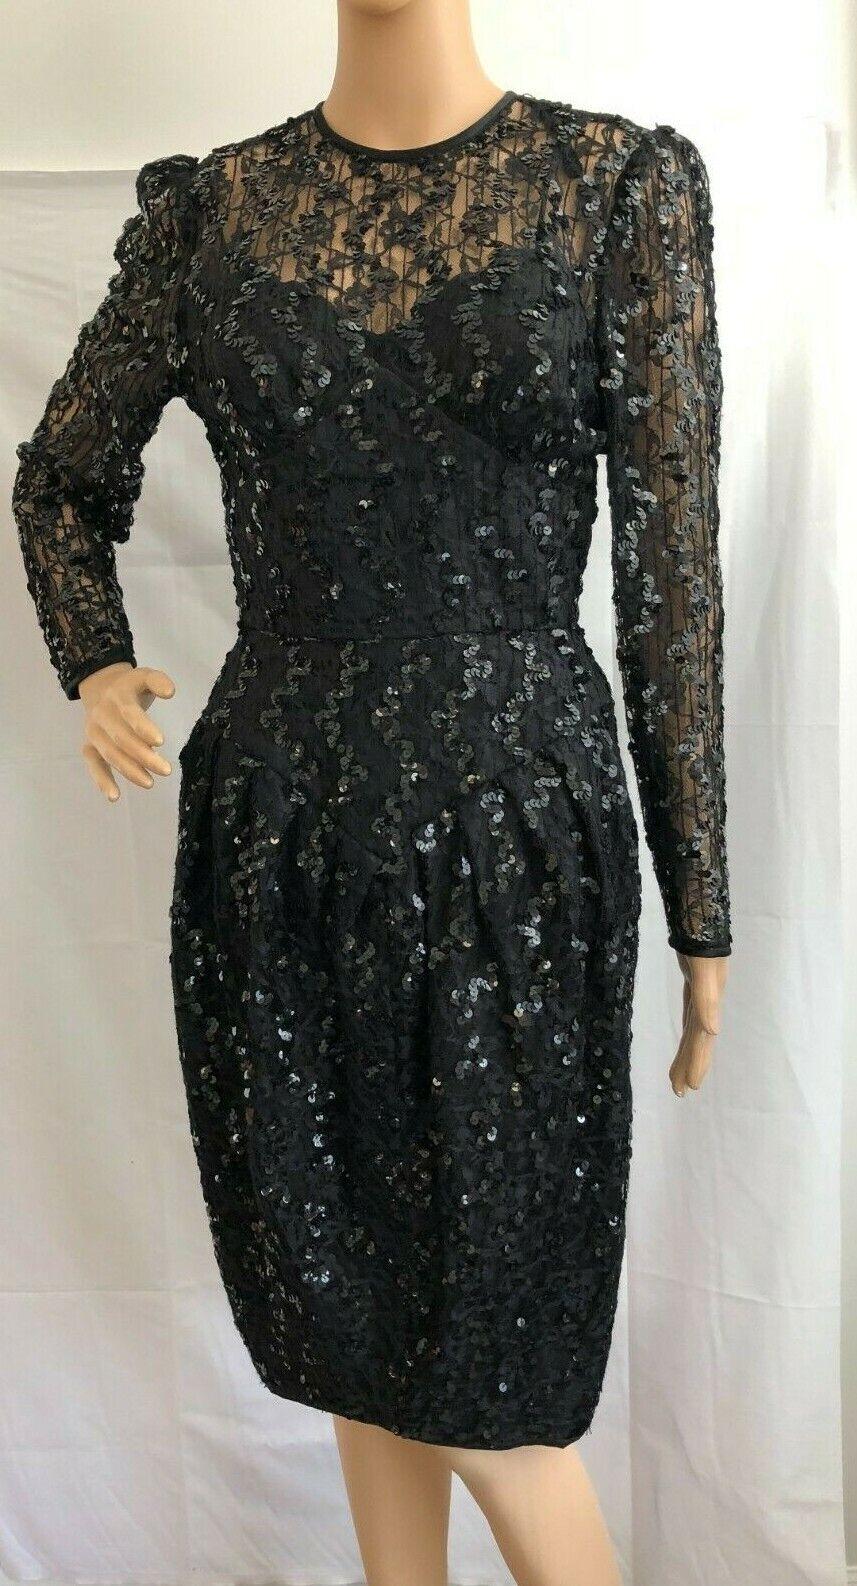 Women's Formal Pantagis Black Sequin & Lace Dress, Long Sleeves Sz 3/4, GUC